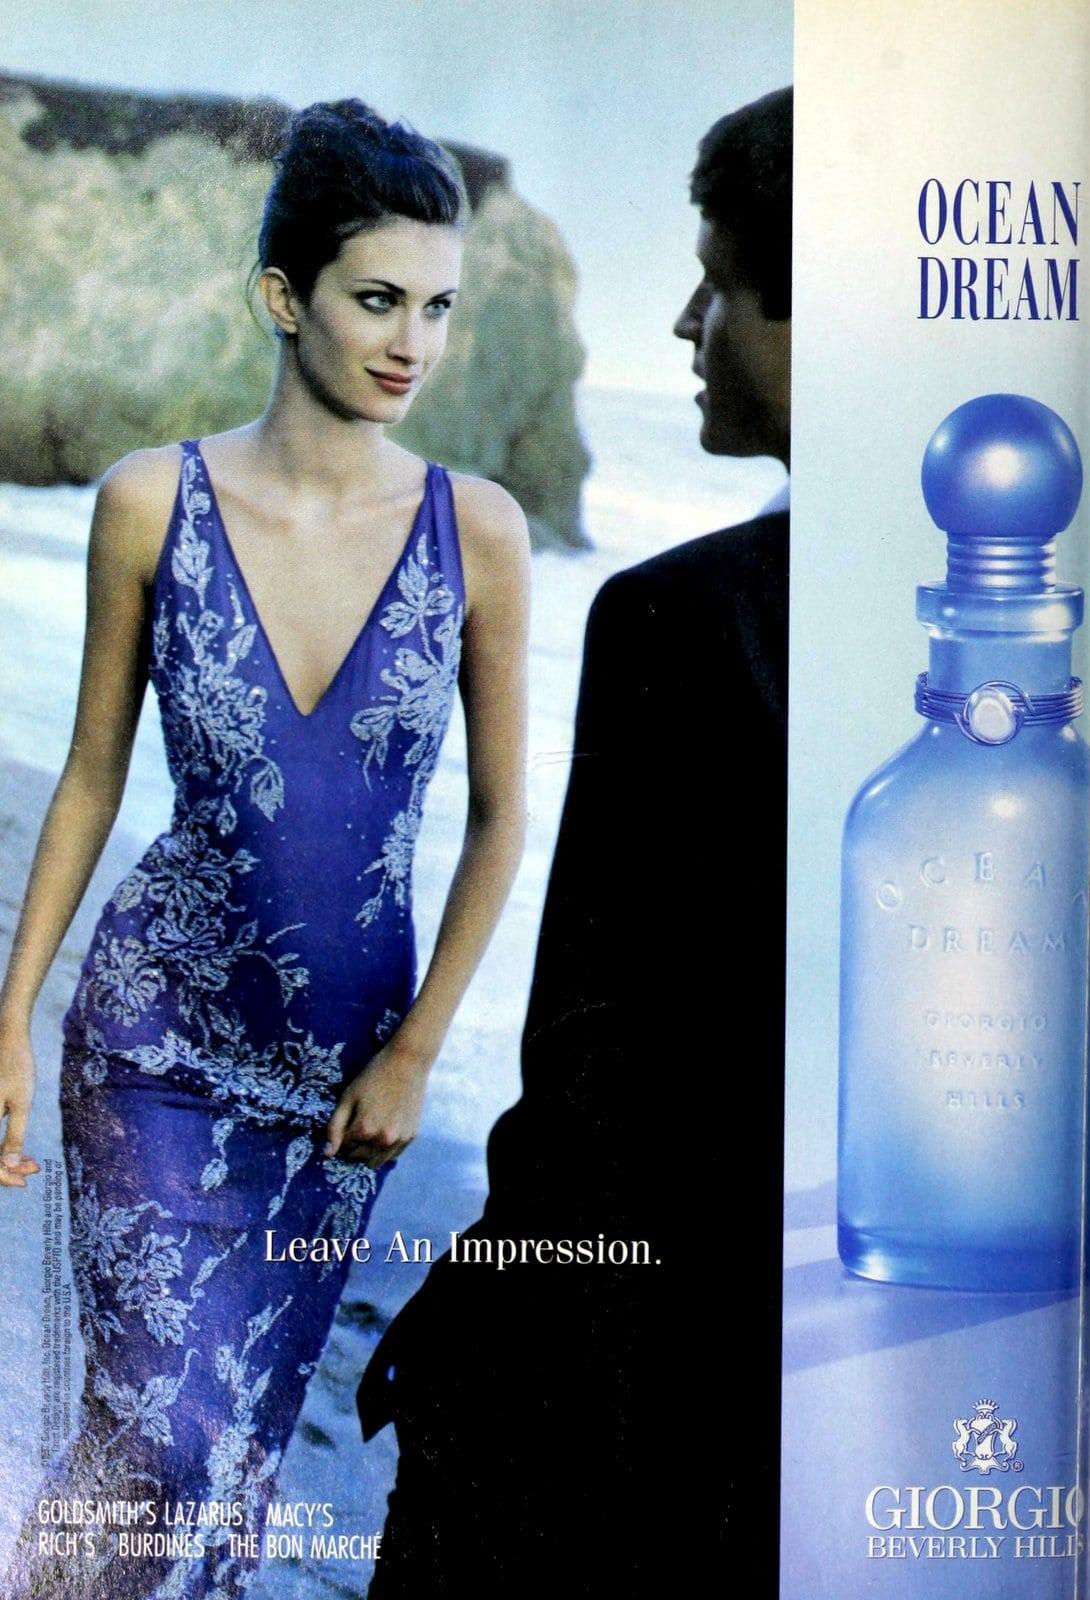 Ocean Dream perfume from Giorgio Beverly Hills (1995) at ClickAmericana com